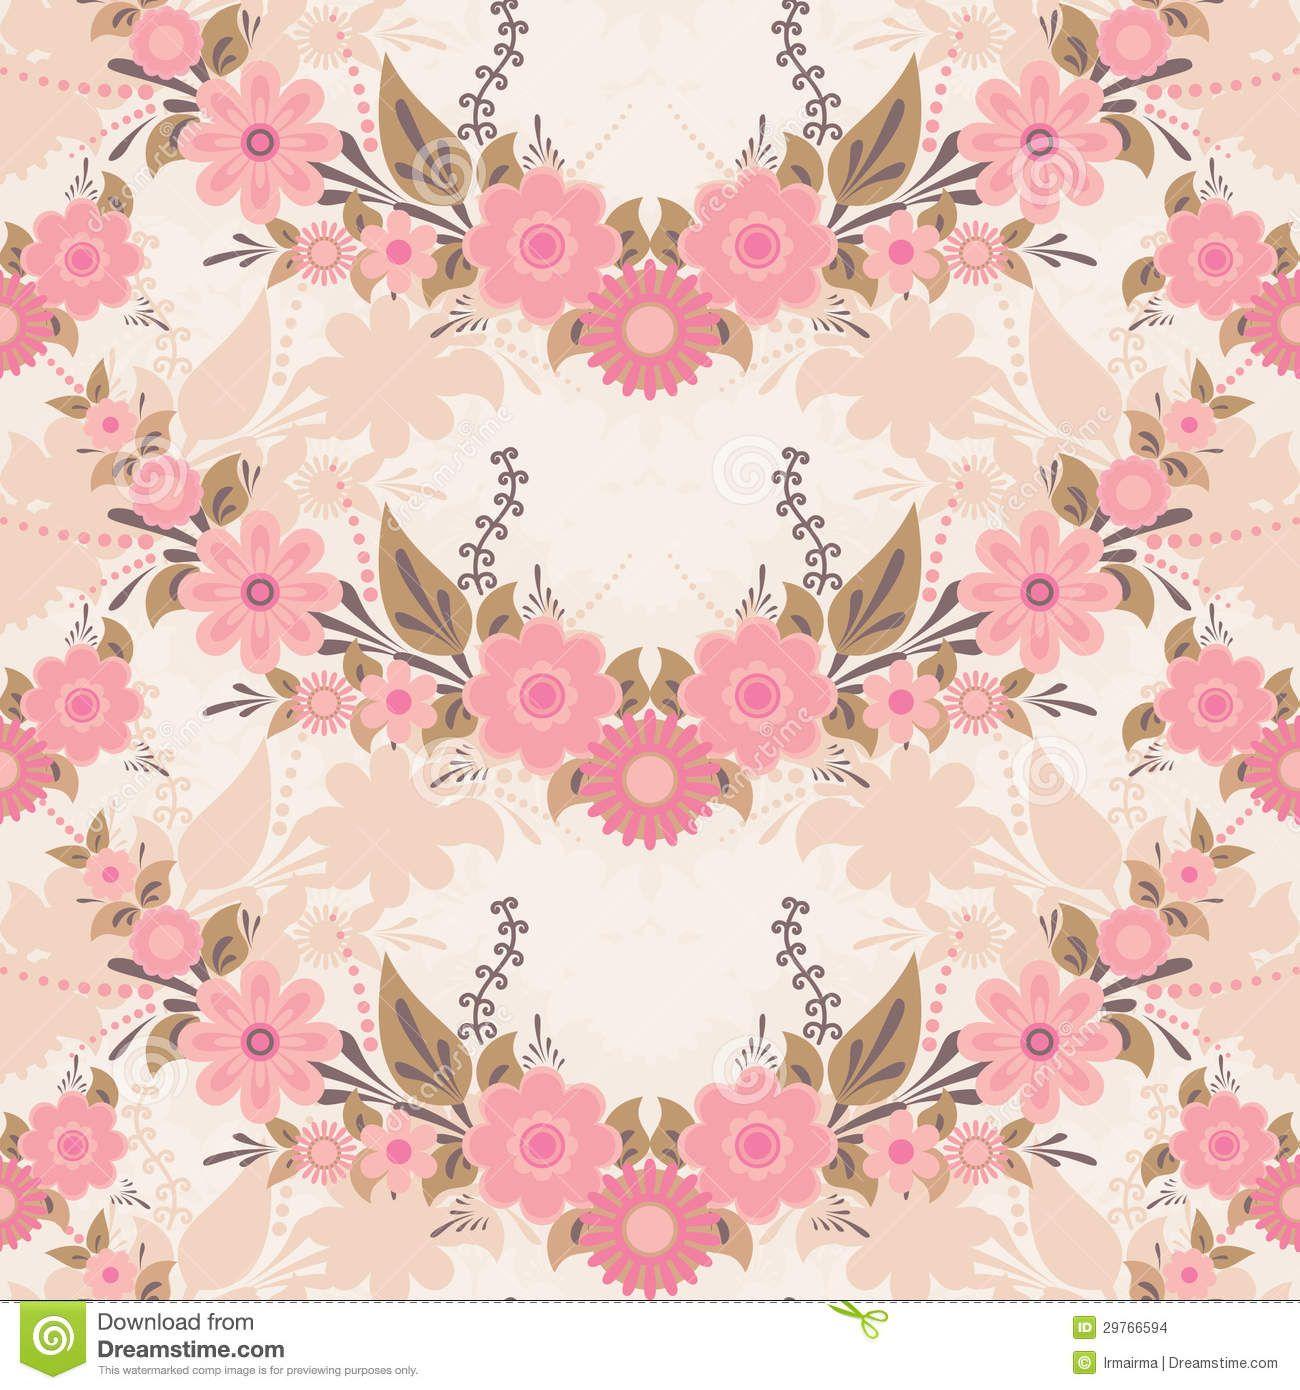 pink vintage flower backgrounds hd | ⚛PATTERNS⚜⚜PRINTS ...